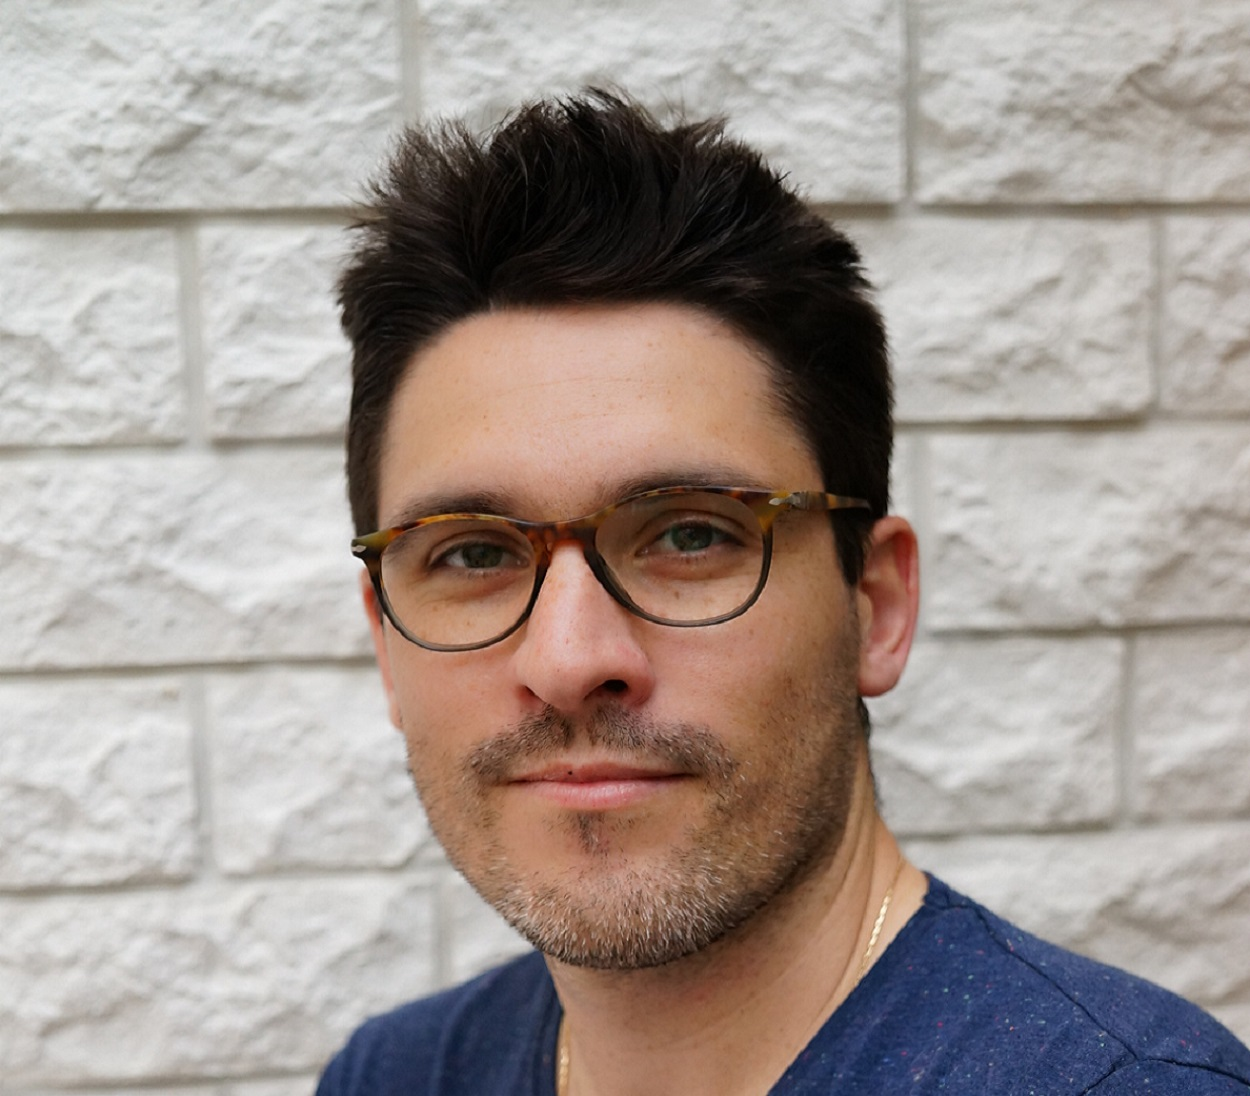 Accountae expertise comptable Vernouillet Yvelines - témoignage client Maxime Gravouil Gérant d'Okami Concept